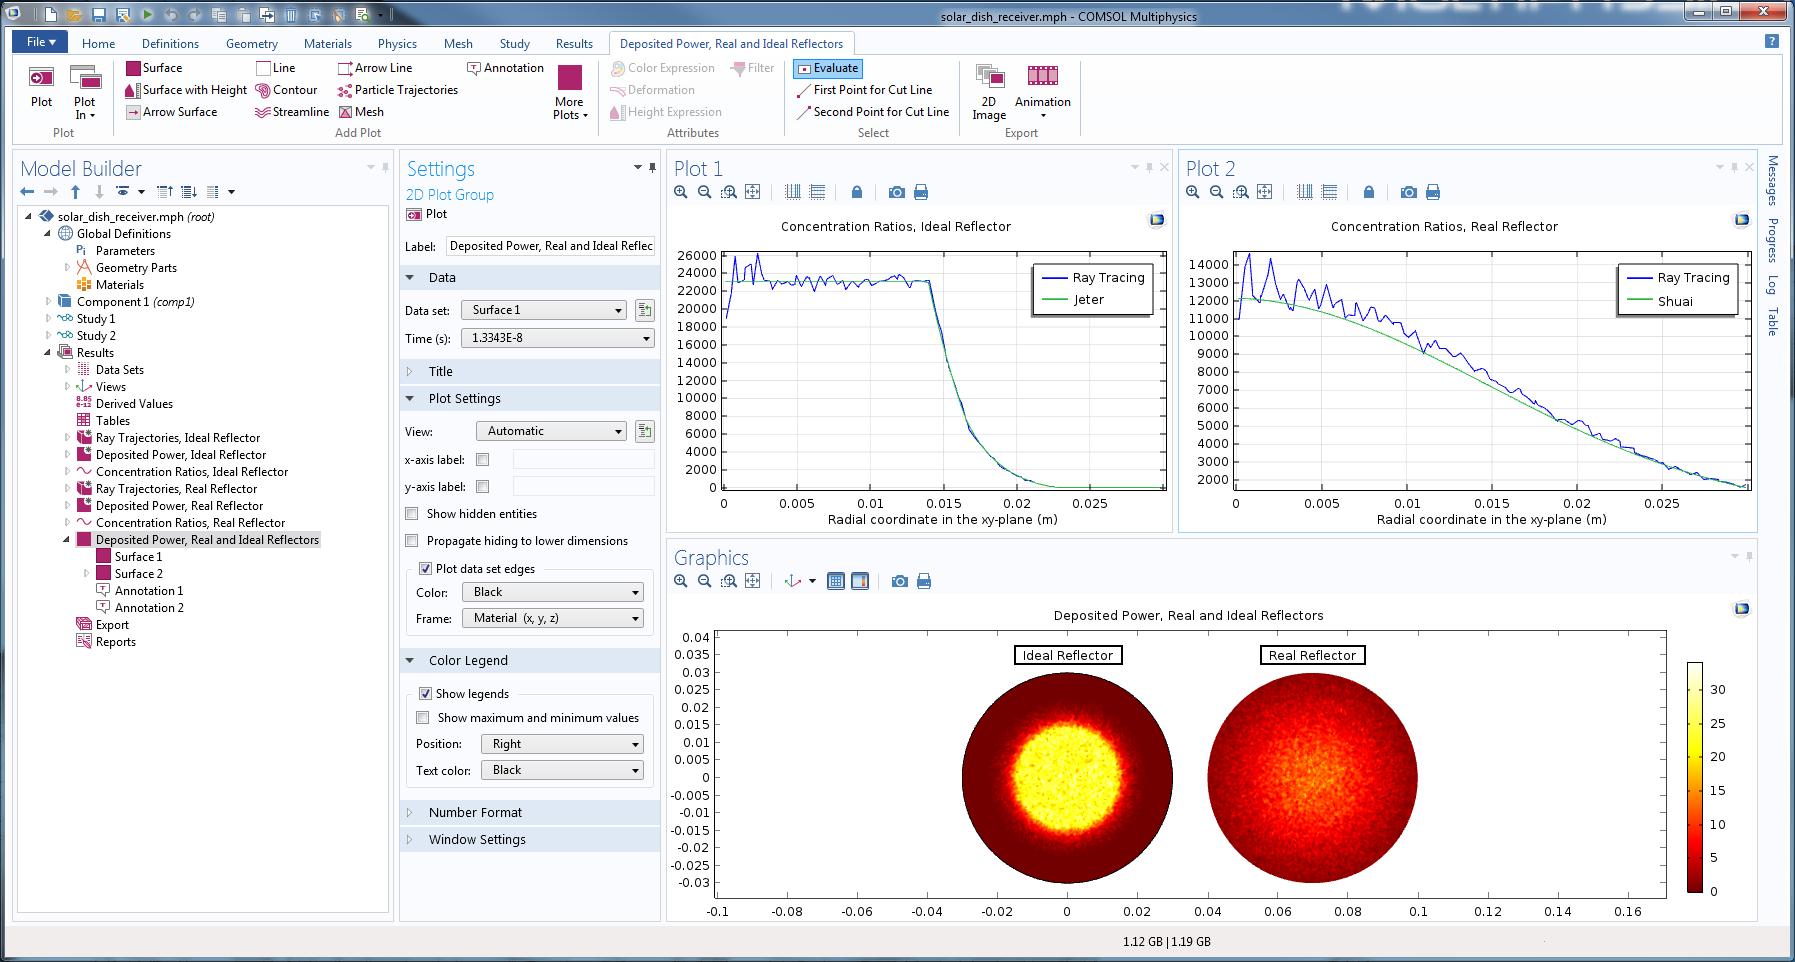 描述碟形太阳能收集器教程模型的 UI 和结果的截图。